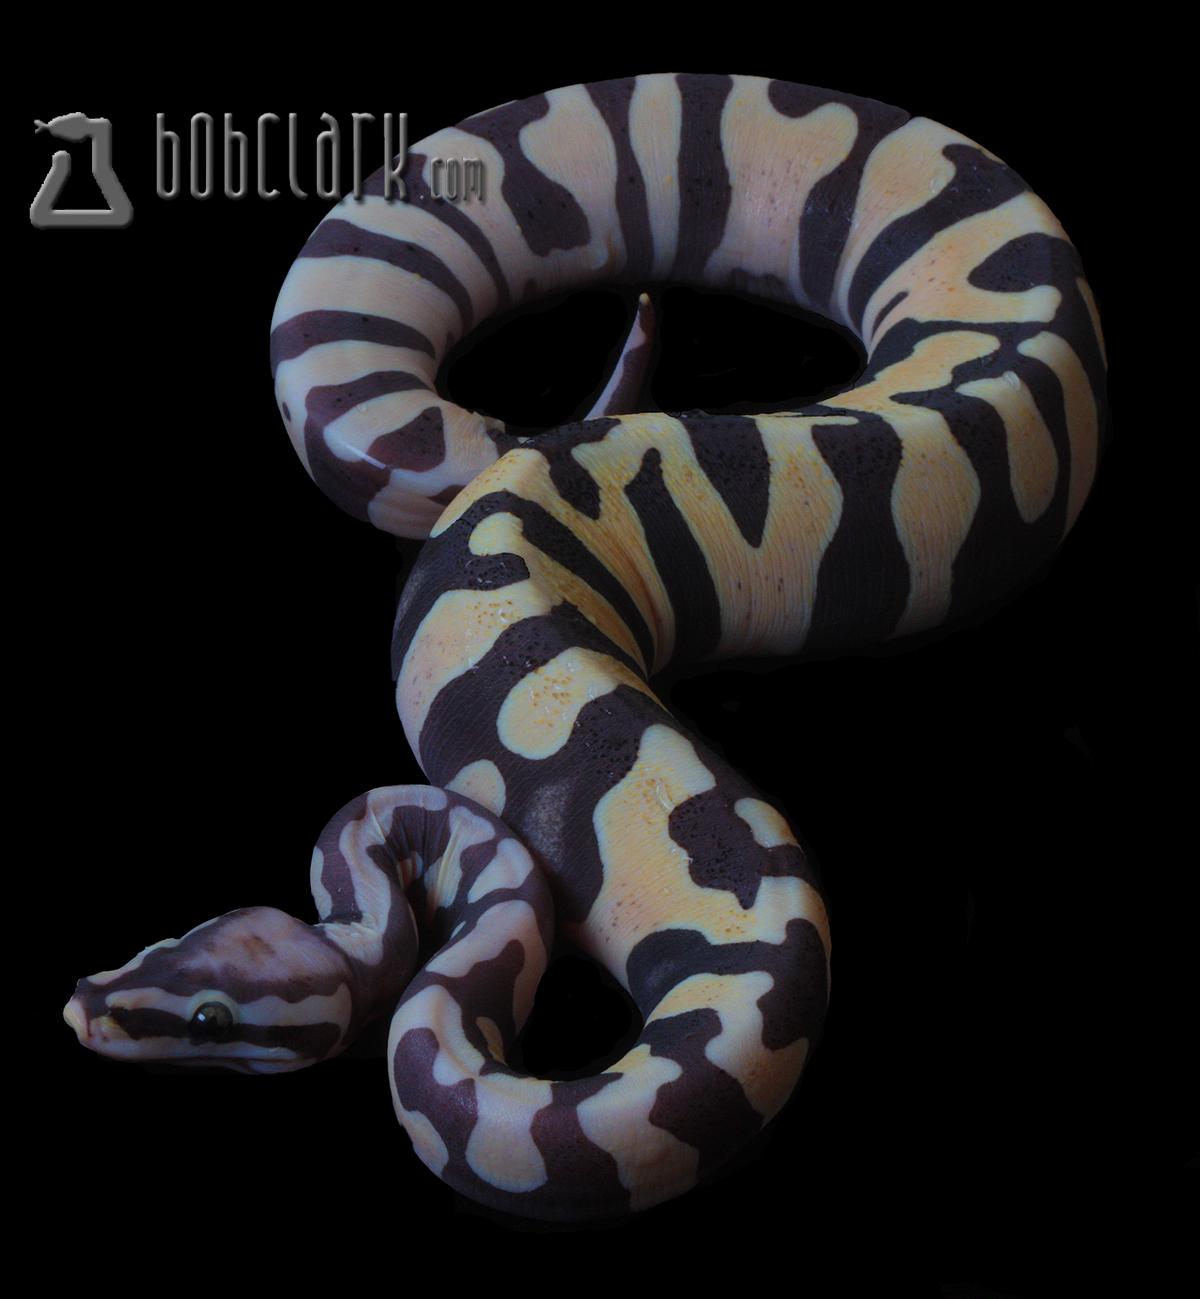 Bob Clark Reptiles : Available